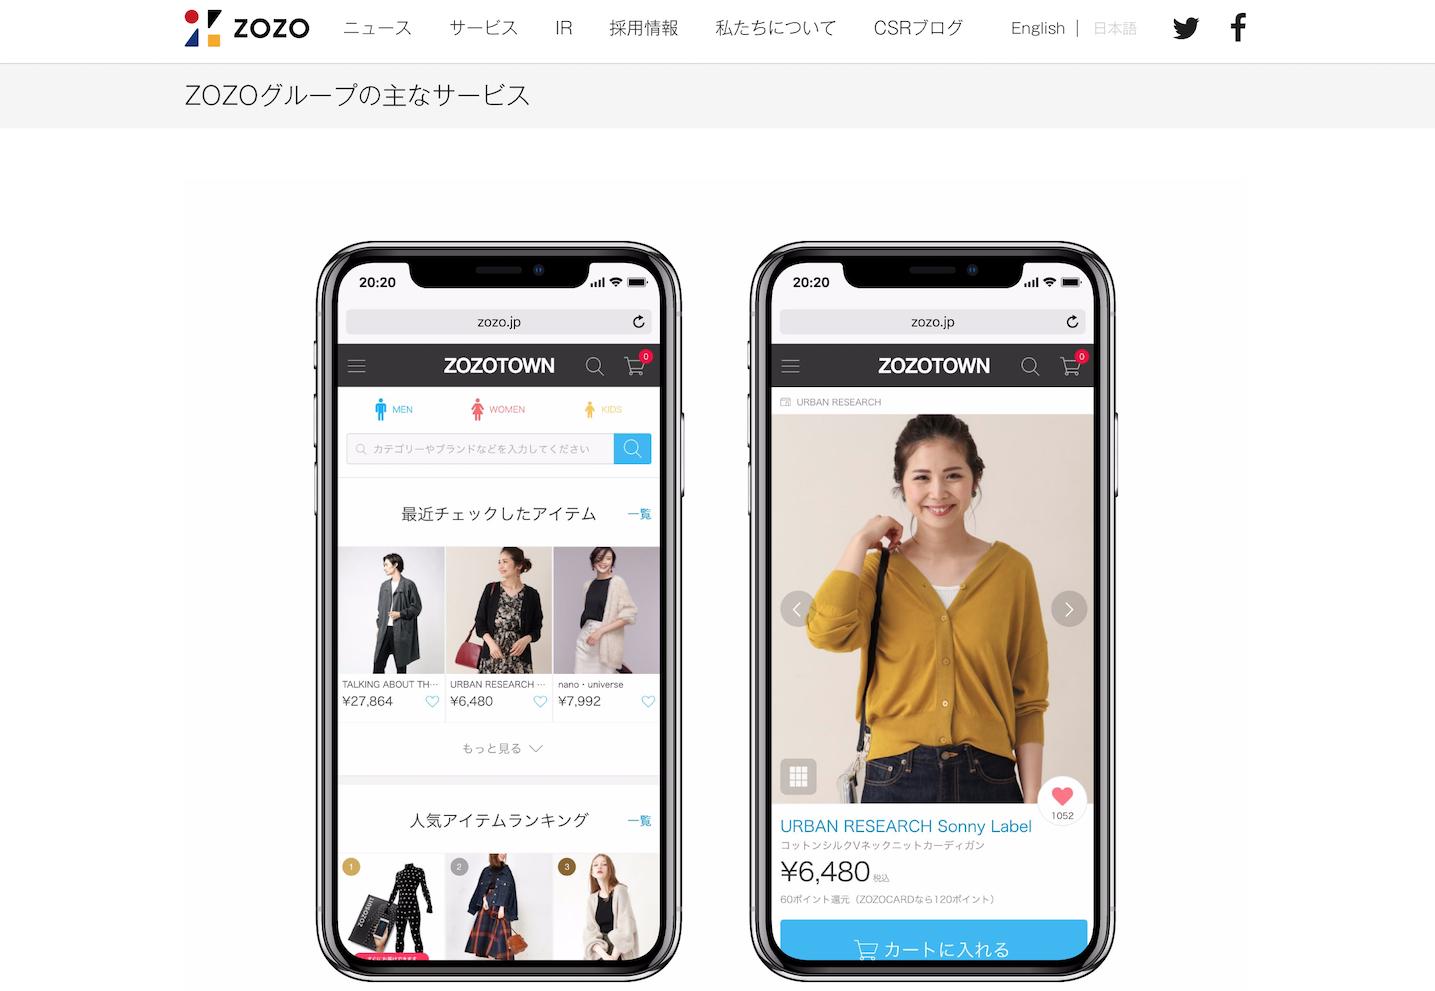 """要乘马斯克的火箭绕月旅行的日本时尚电商企业家遭遇""""滑铁卢"""":耗资巨大的智能量体项目 ZOZOSUIT 宣告失败"""